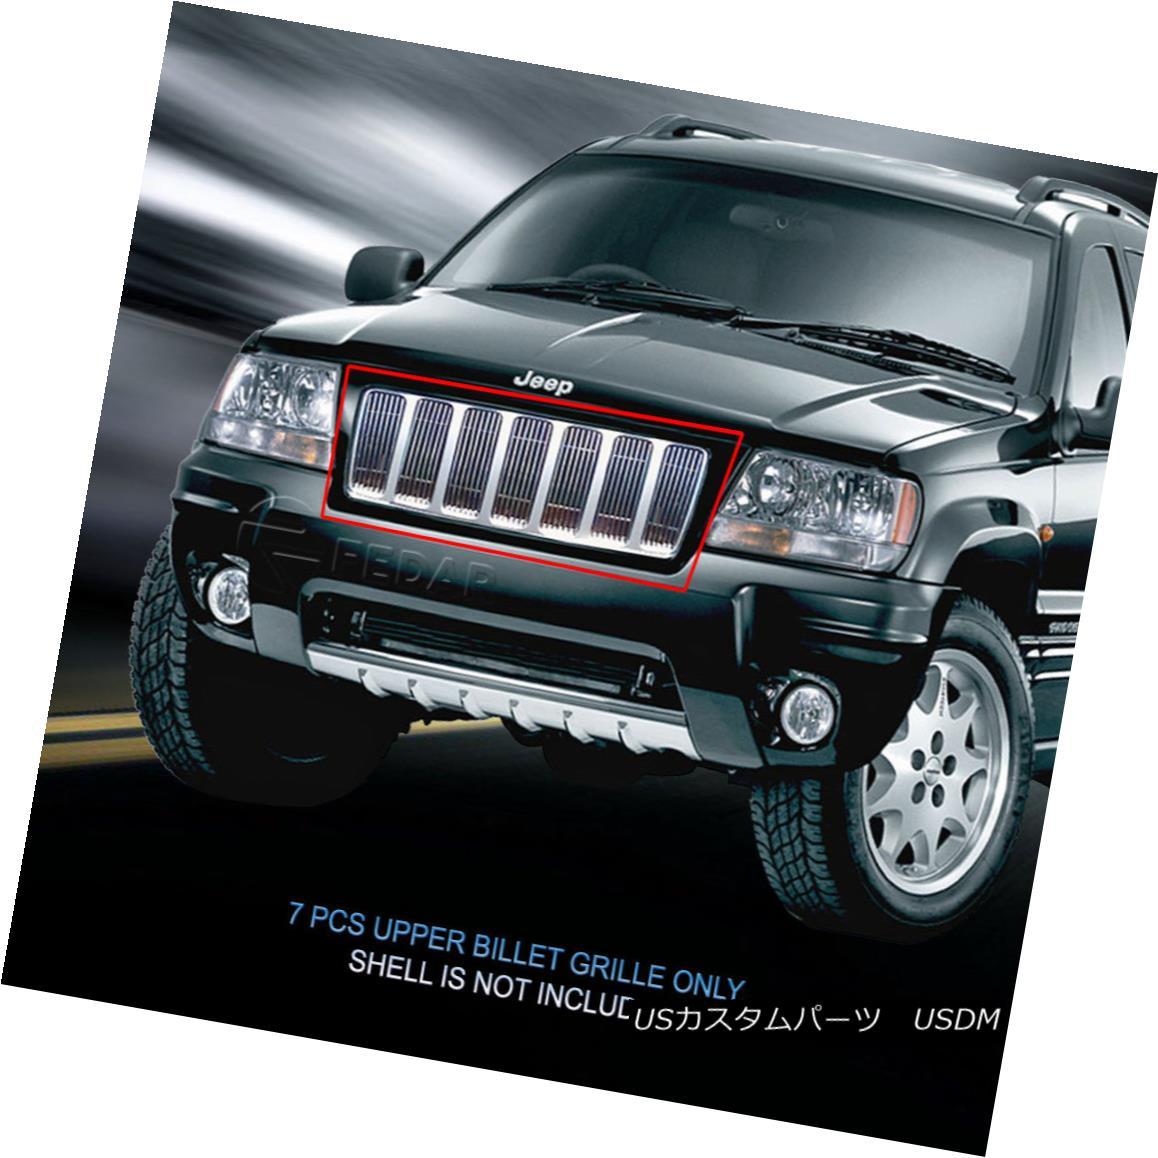 グリル Fedar Fits 1999-2004 Jeep Grand Cherokee Polished Billet Grille Insert Fedarは1999-2004ジープグランドチェロキーポリッシュビレットグリルインサートに適合